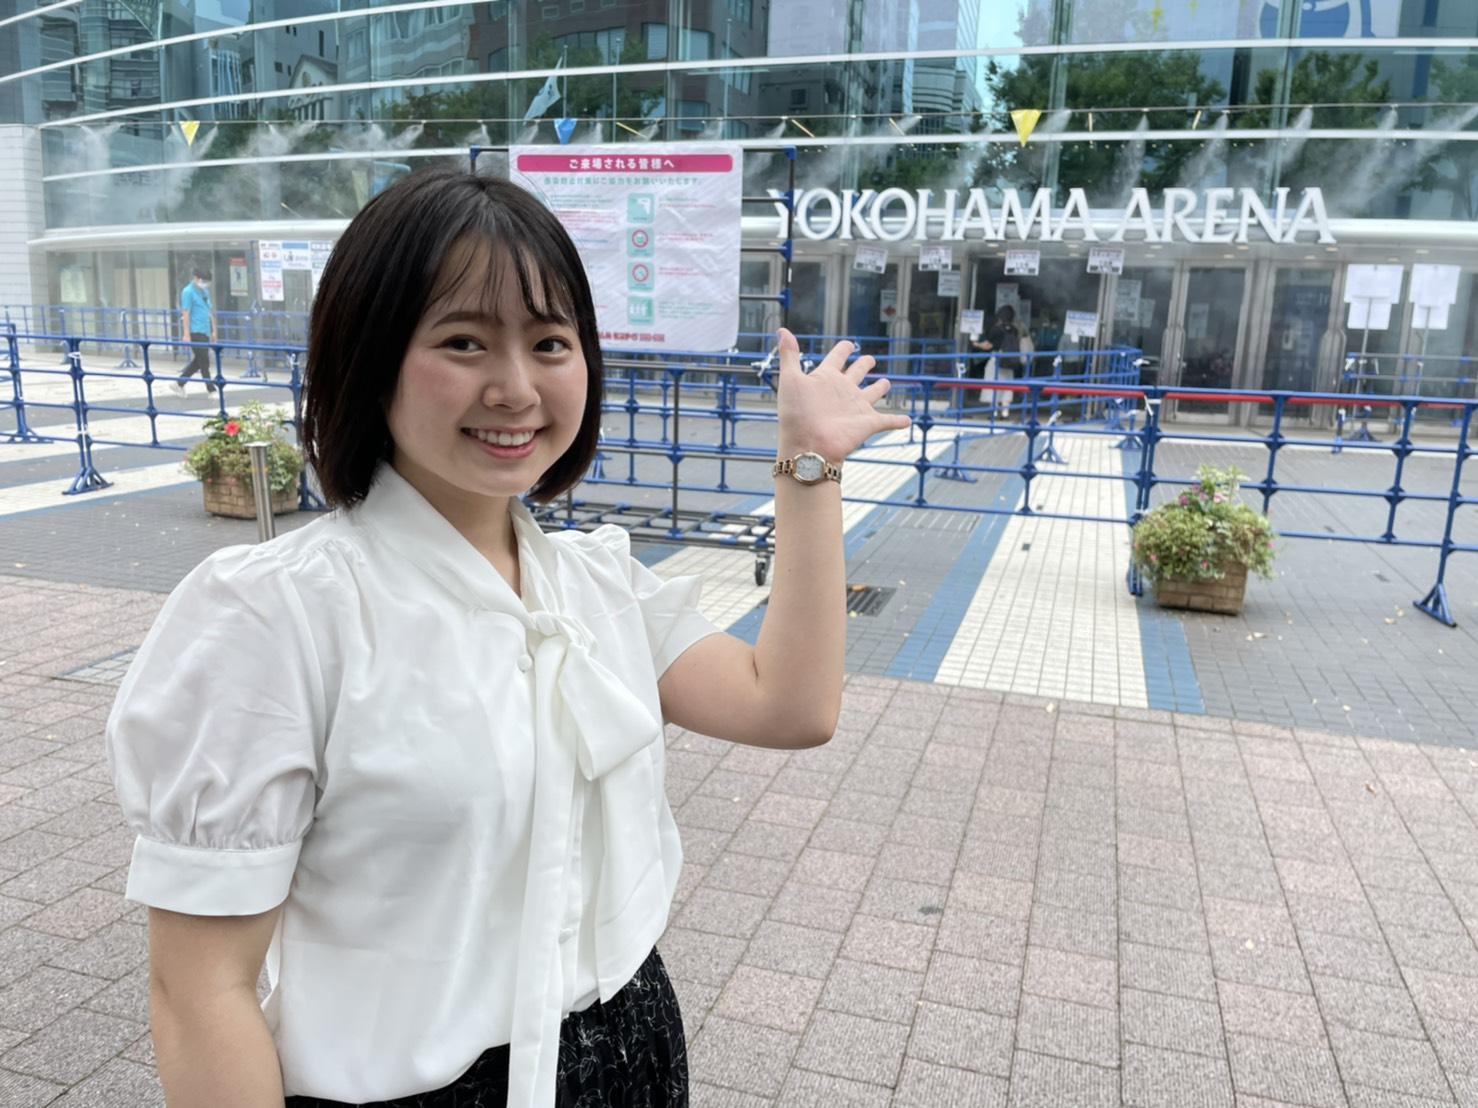 児玉瑞歩(お茶の水女子大学)ACTRESS PRESS REPORTER